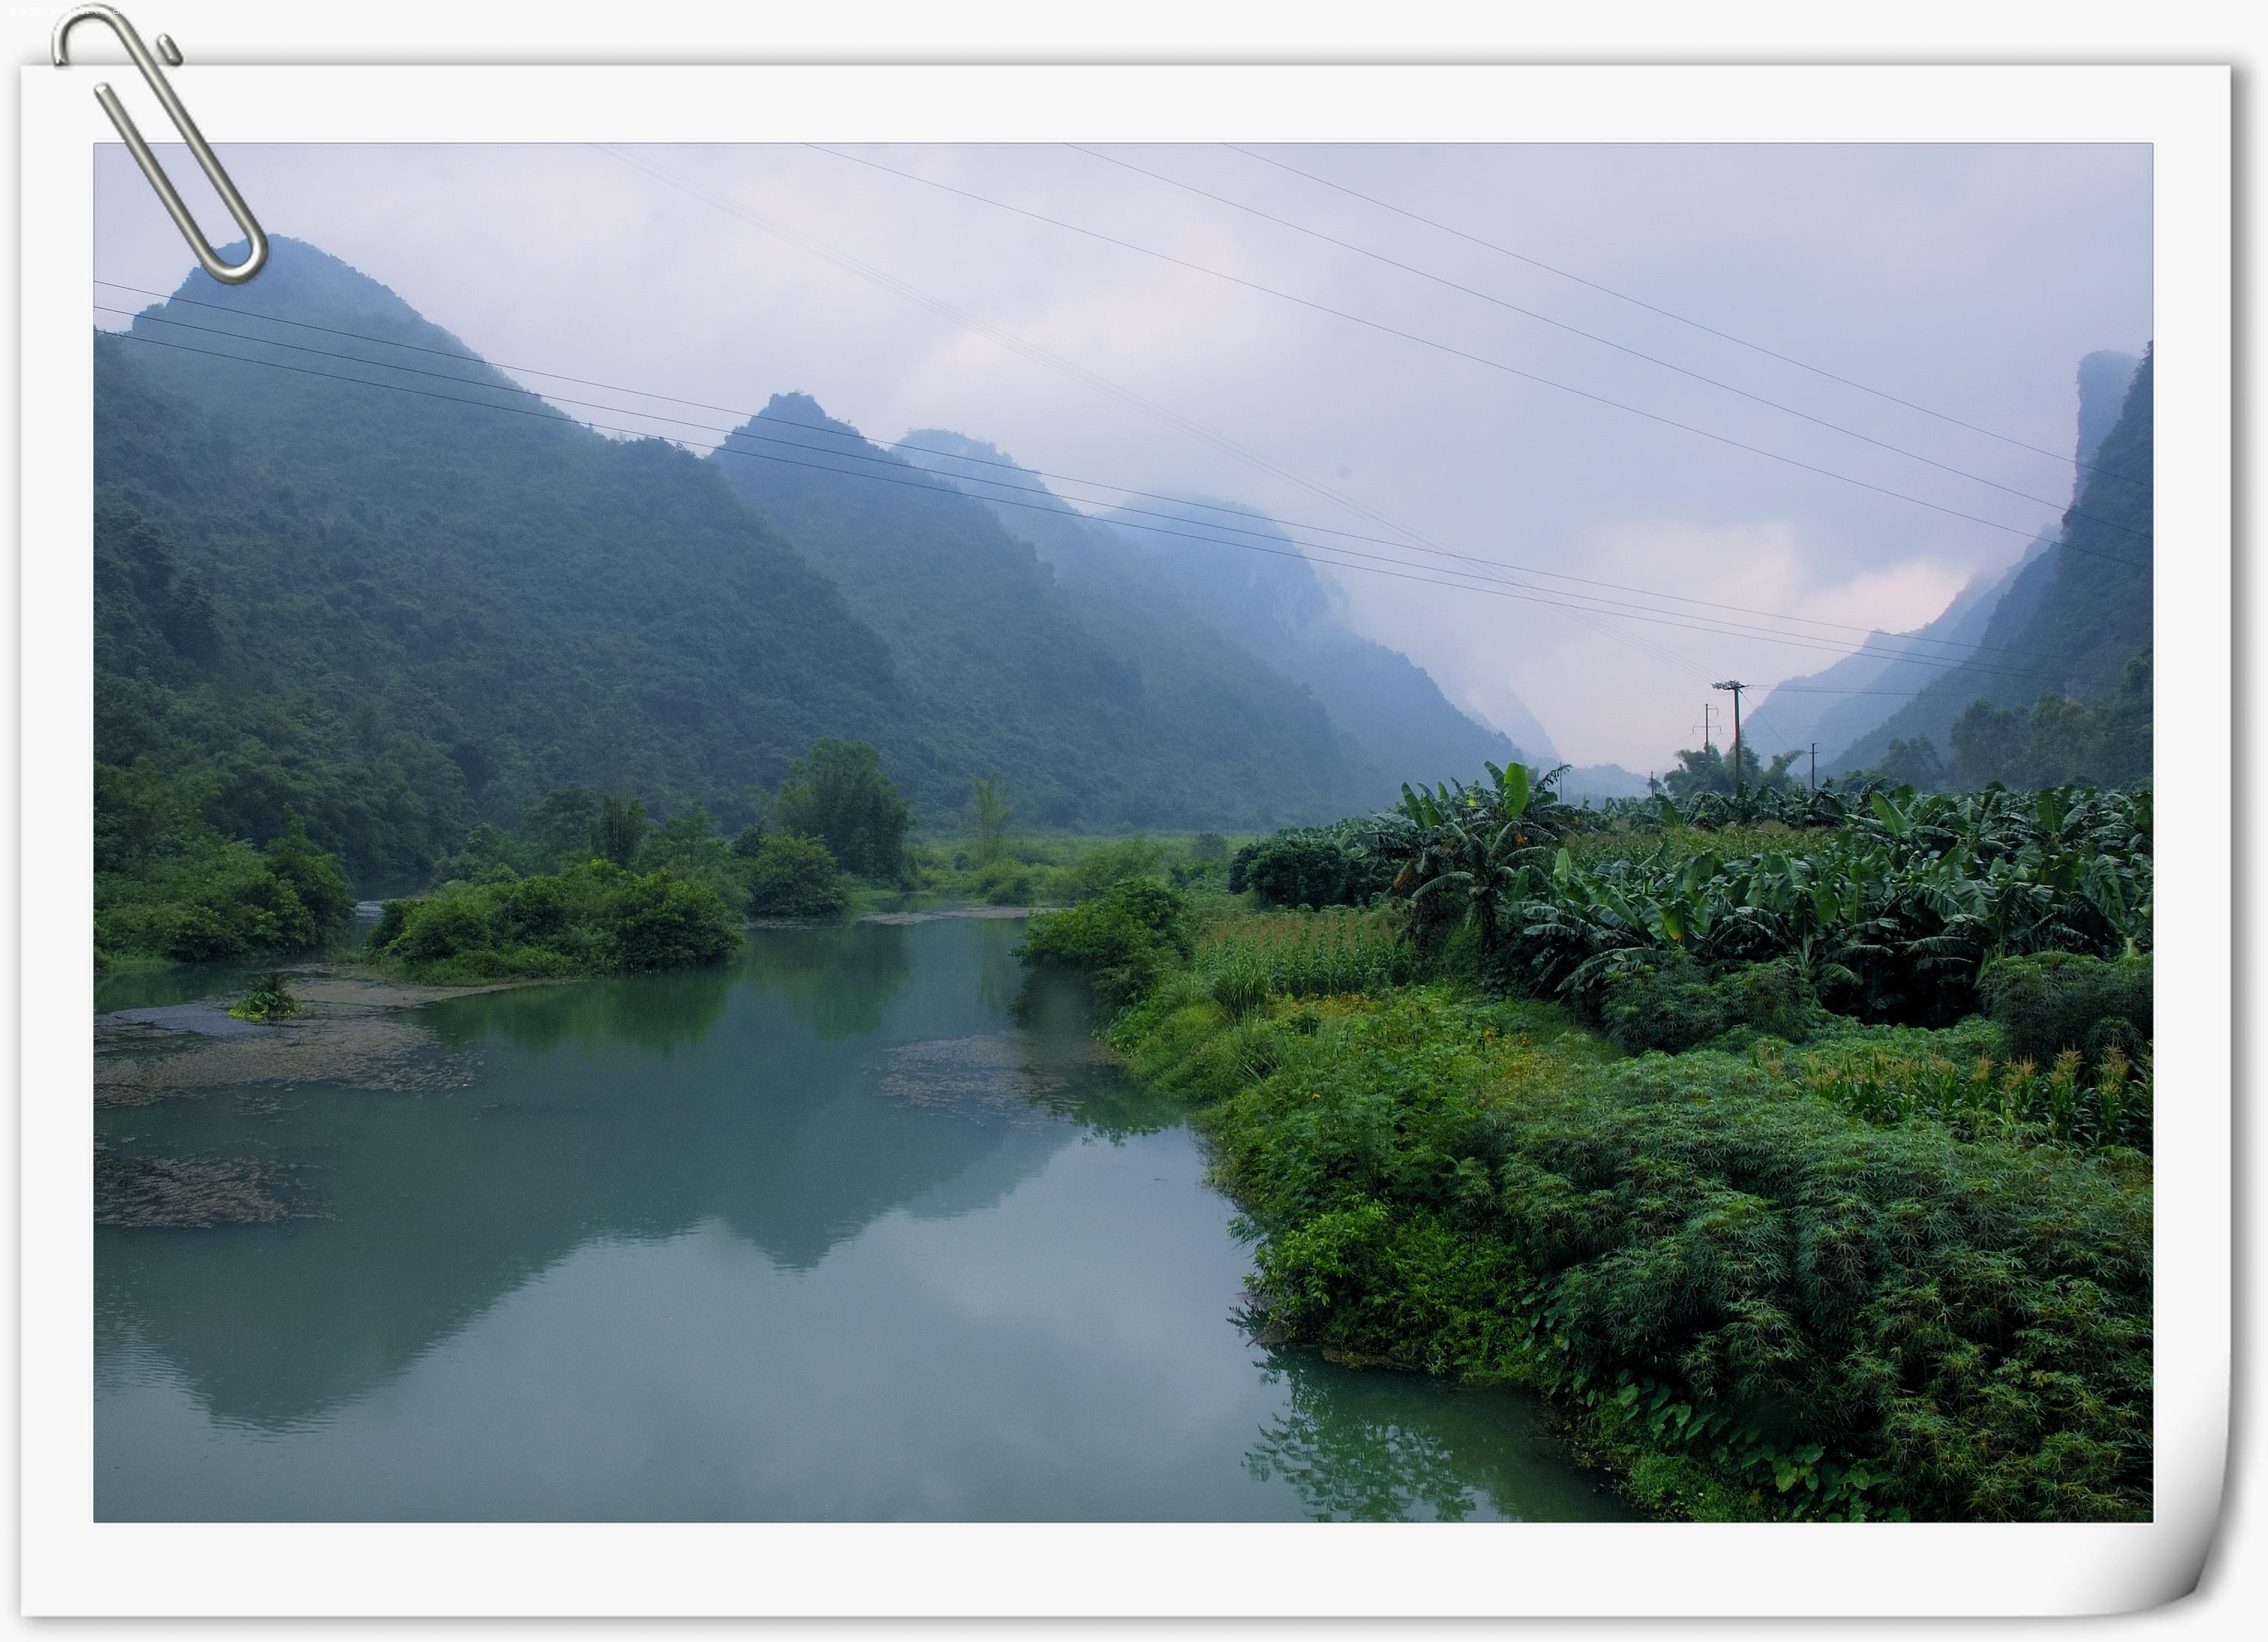 雨中的倒影,眼前不是风景,是山水画